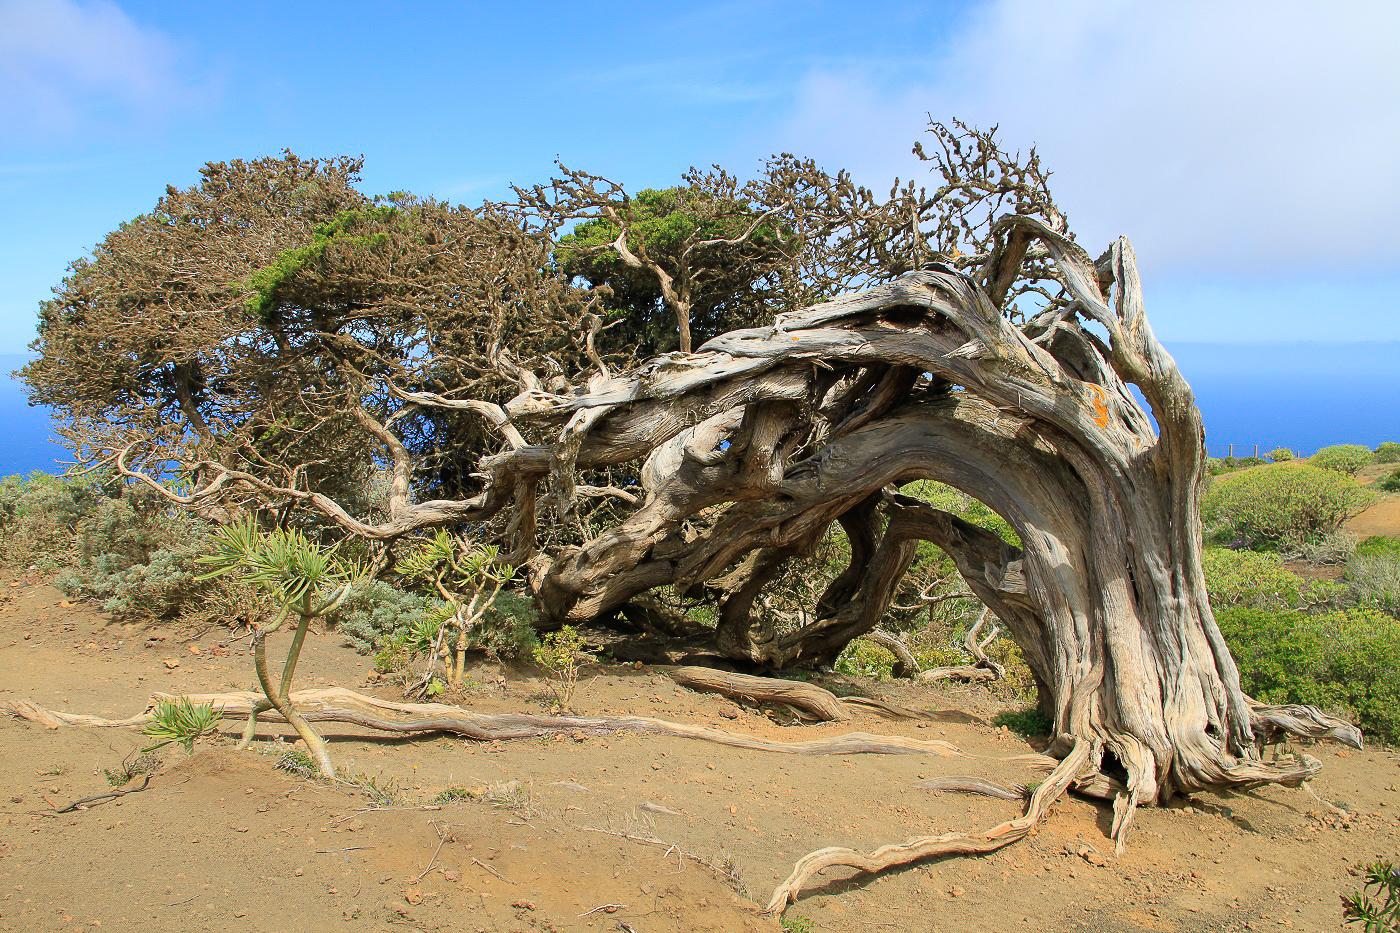 El Hierro en Espagne, arbres couchés aux Canaries - Silkap Tour du Monde